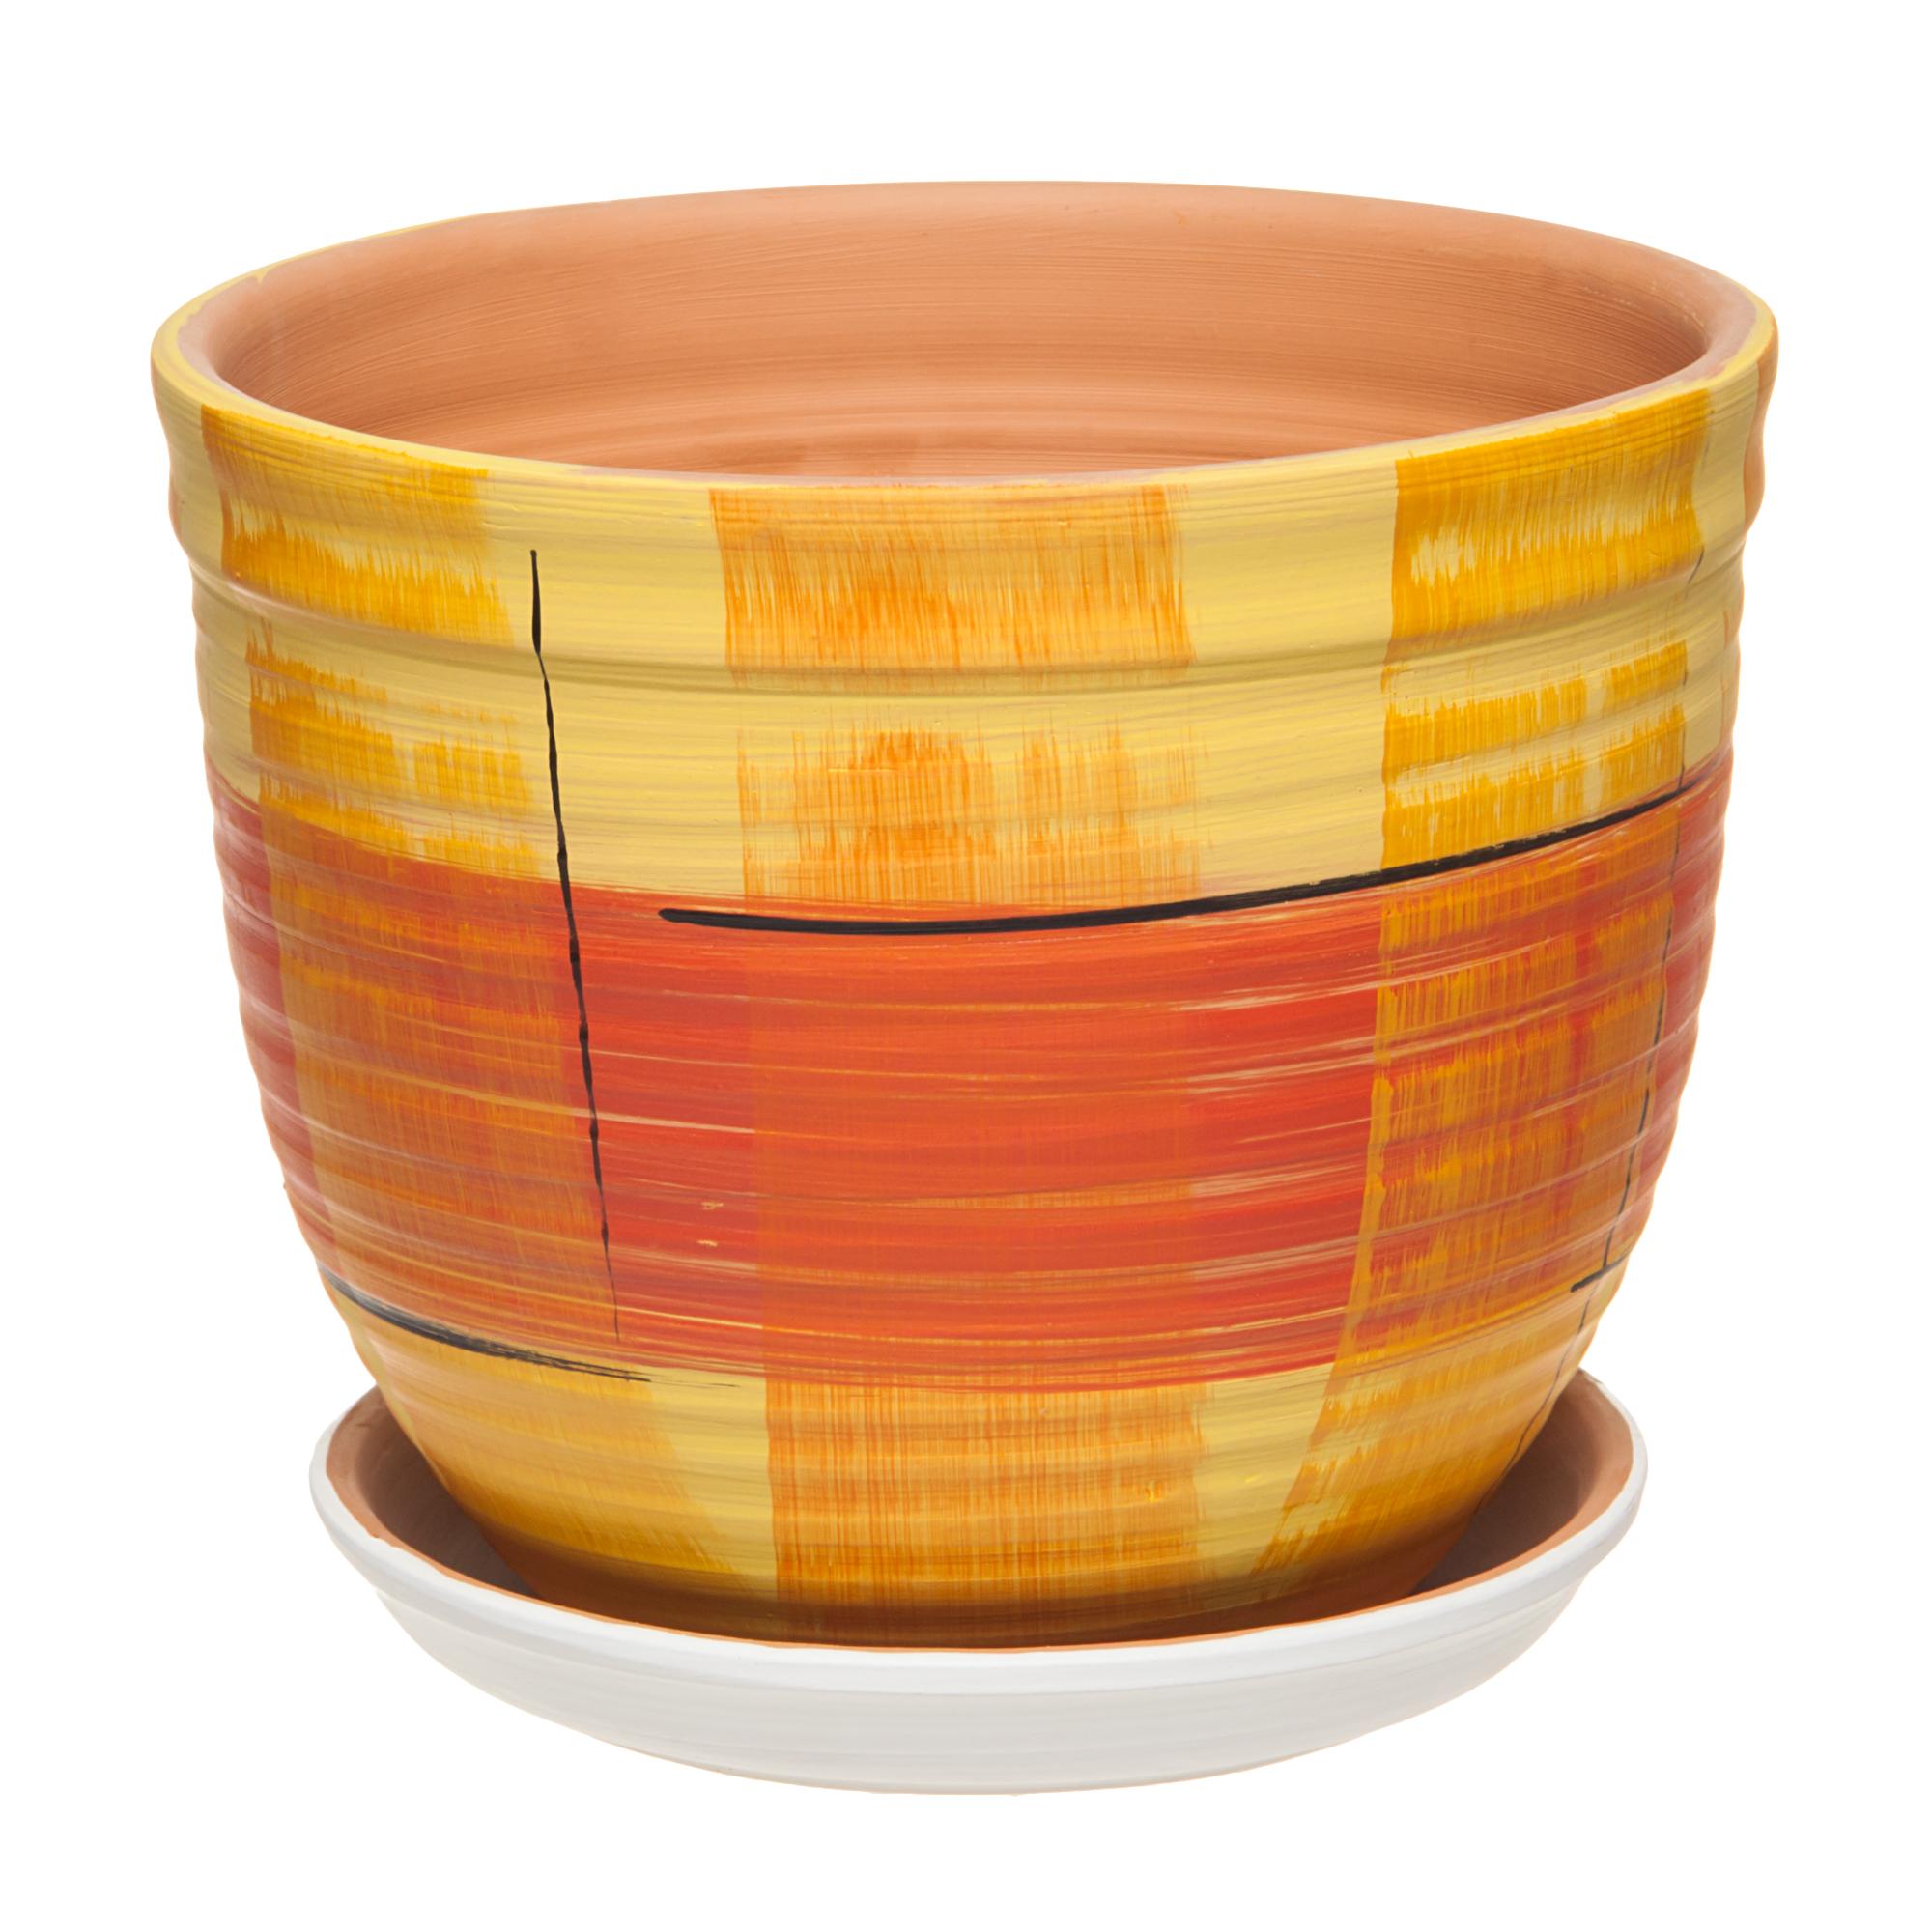 Горшок Серебряный ручей D 28 см оранжевый фото